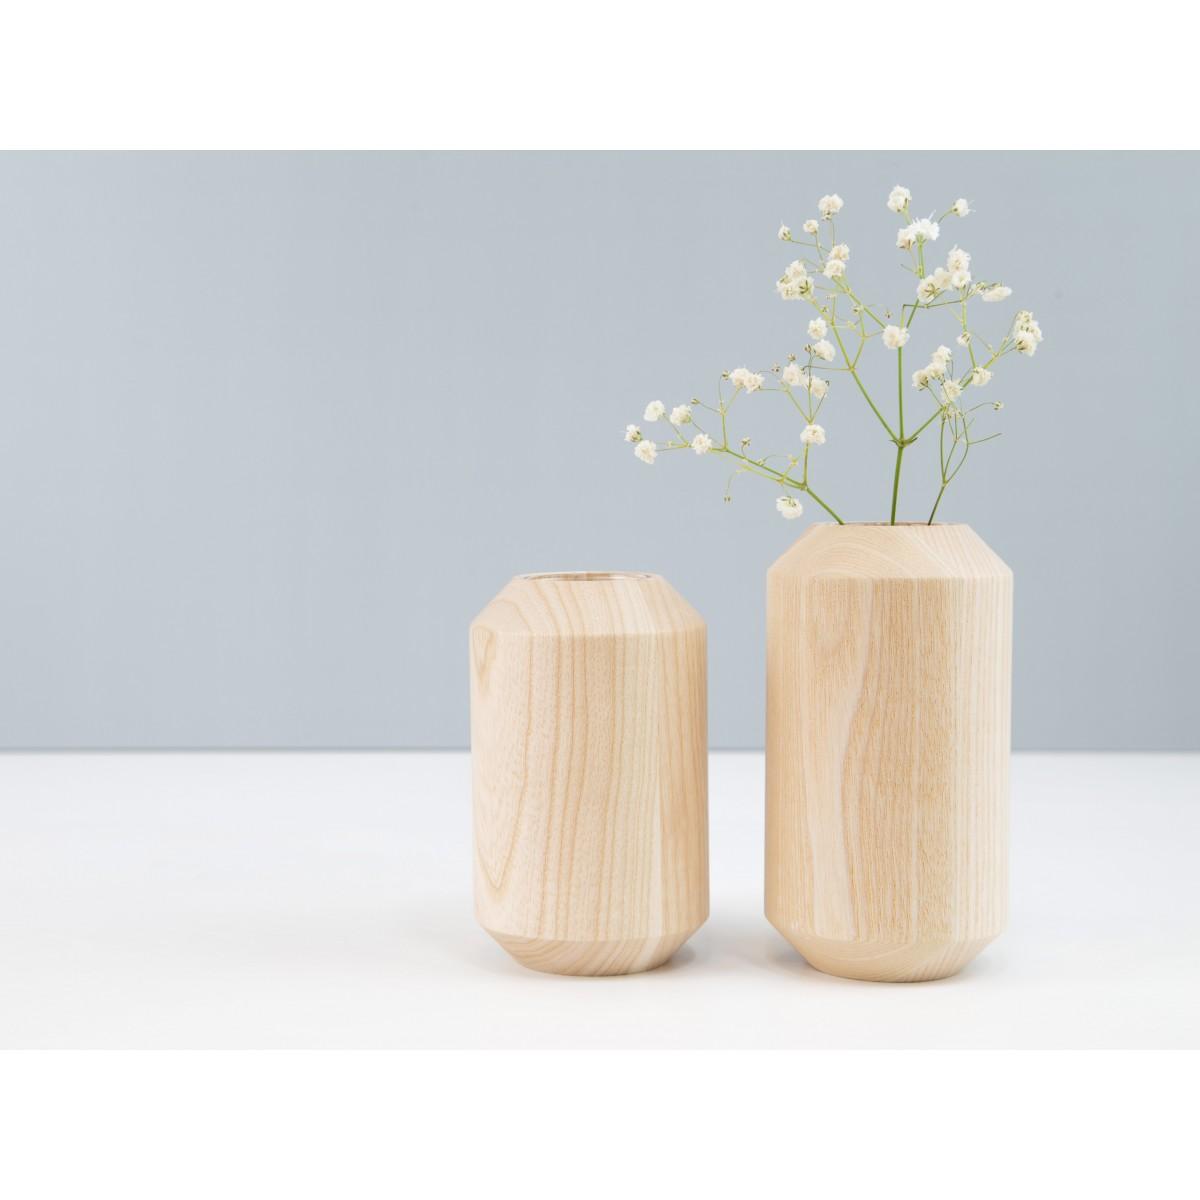 takks vasen 2er set von kommod. Black Bedroom Furniture Sets. Home Design Ideas